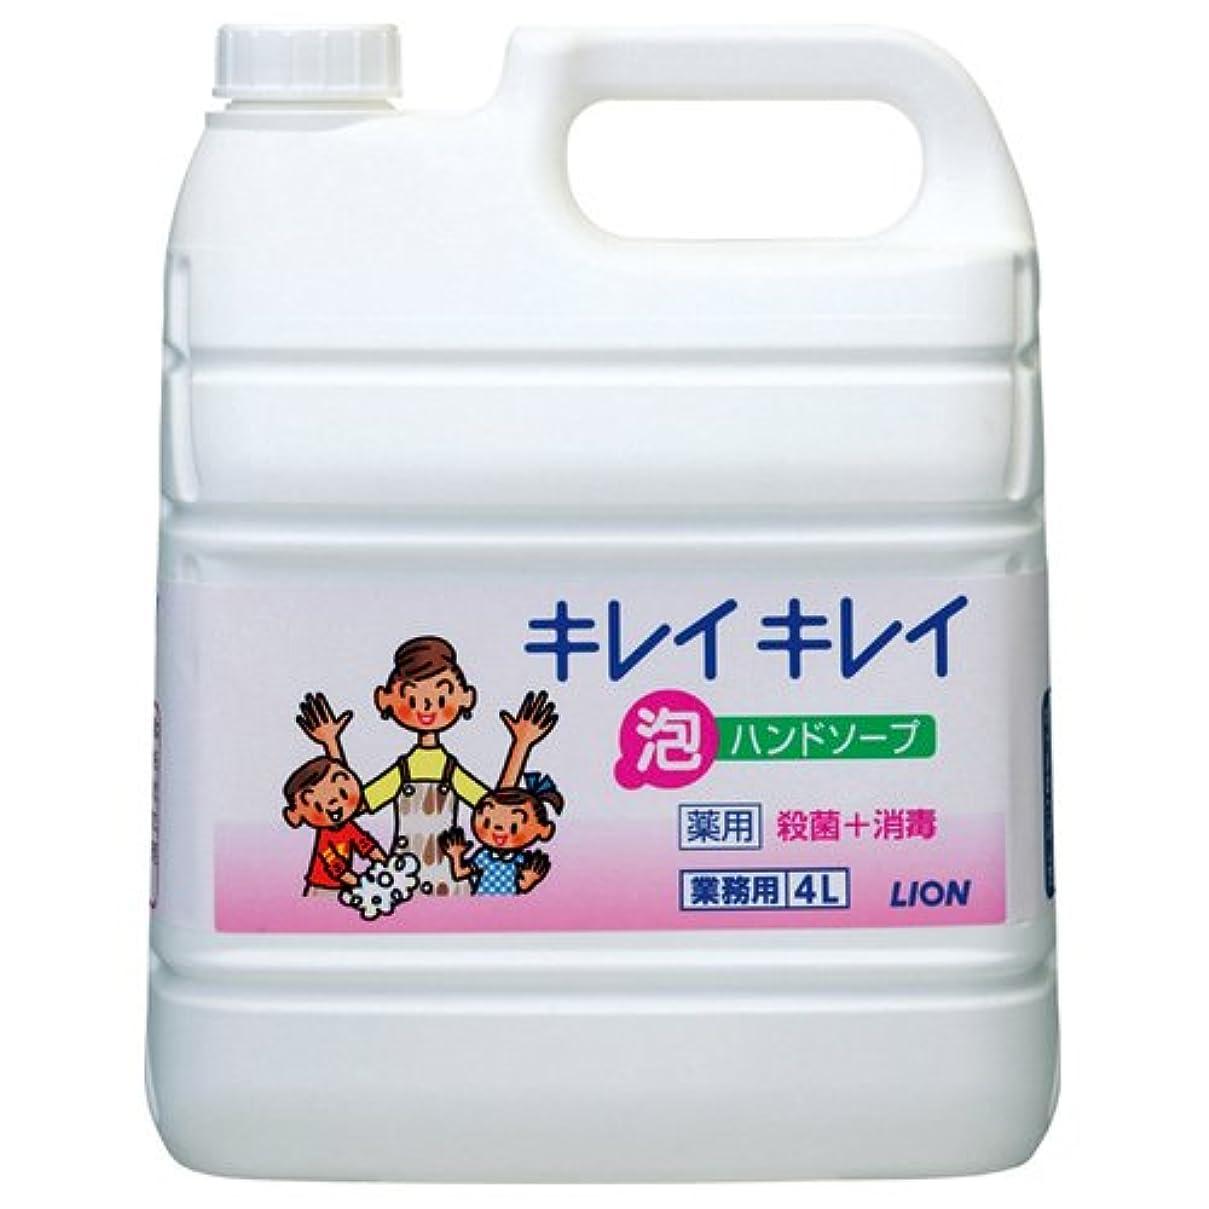 申し立てられた提供小説[ライオン 1675096] キレイキレイ 薬用泡ハンドソープ 業務用 4L